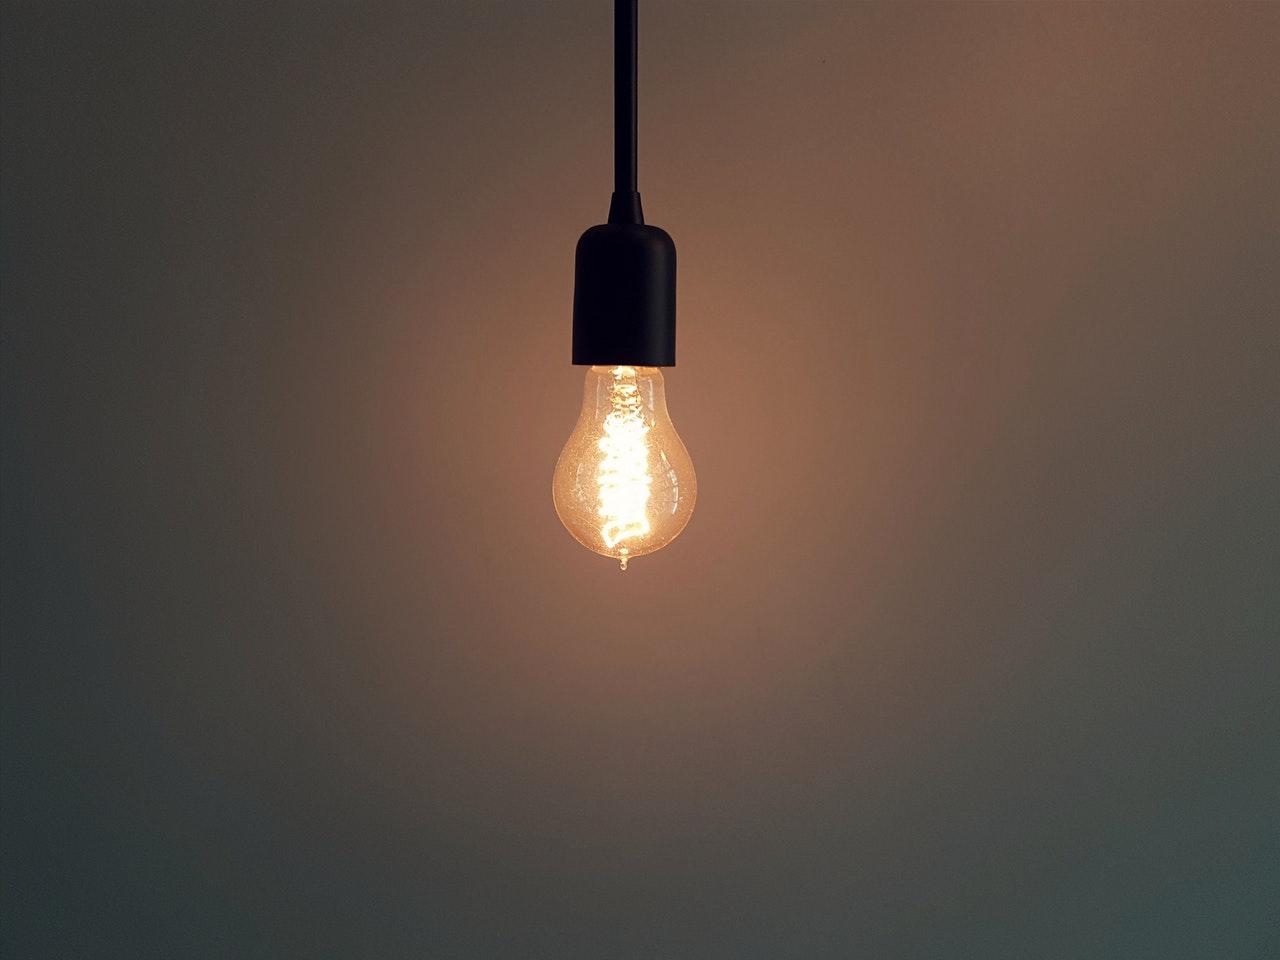 Eine LED-Retrofit Glühlampe in einer schwarzen Fassung hängt leuchtend von oben herab ins Bild.